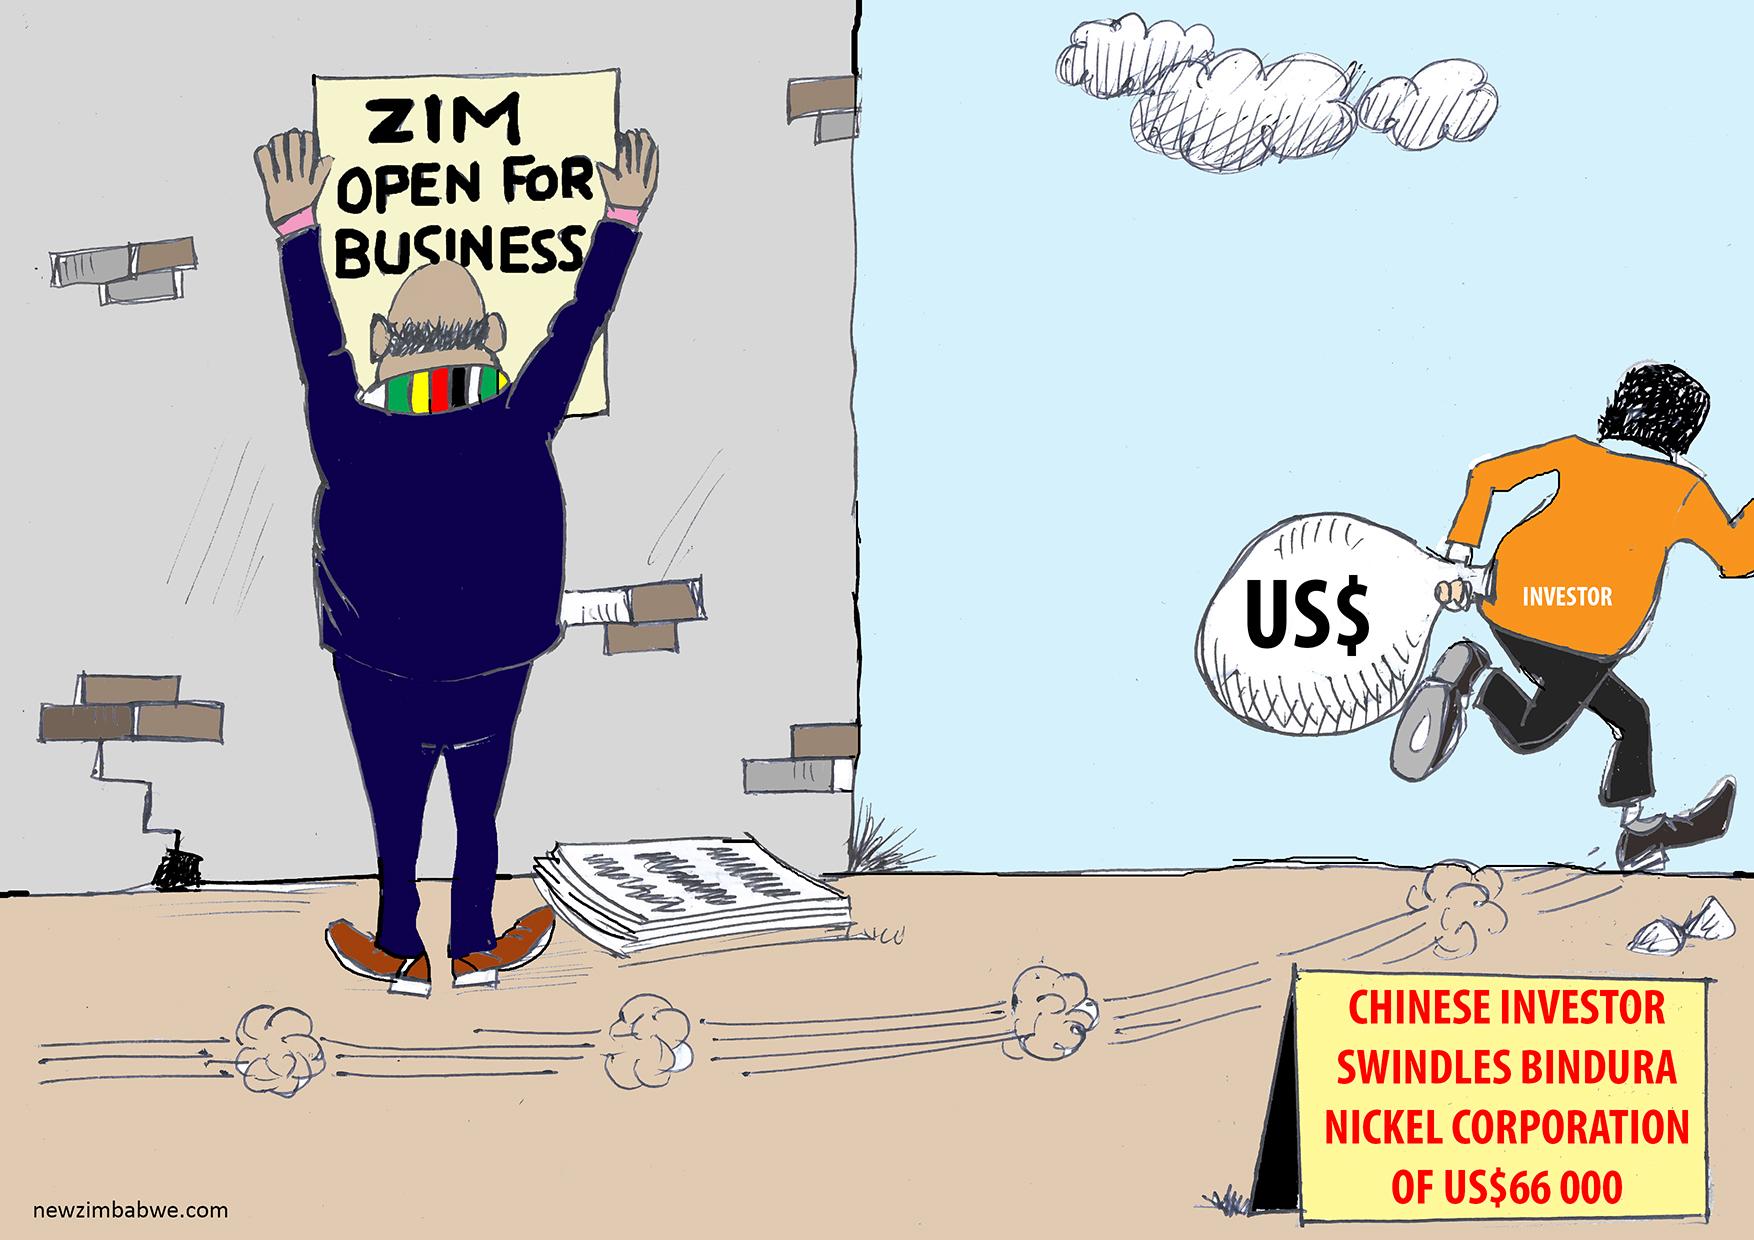 Chinese investor swindles BNC